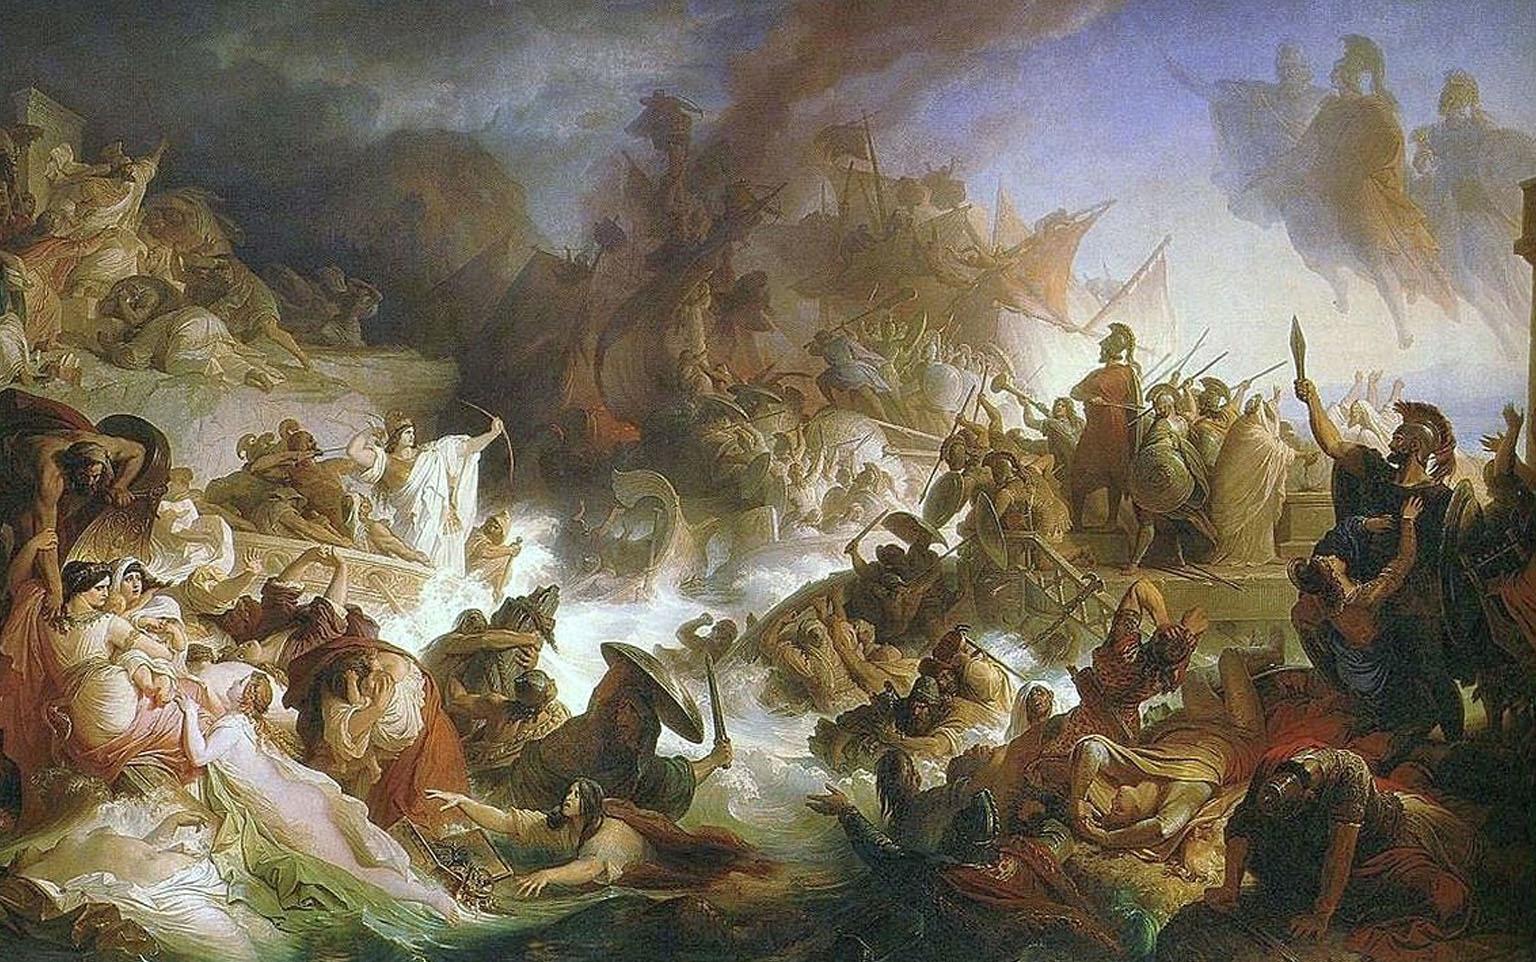 ยุทธนาวีที่ซาลามิส (Battle of Salamis) สงครามครั้งสำคัญระหว่างกรีซและเปอร์เซีย